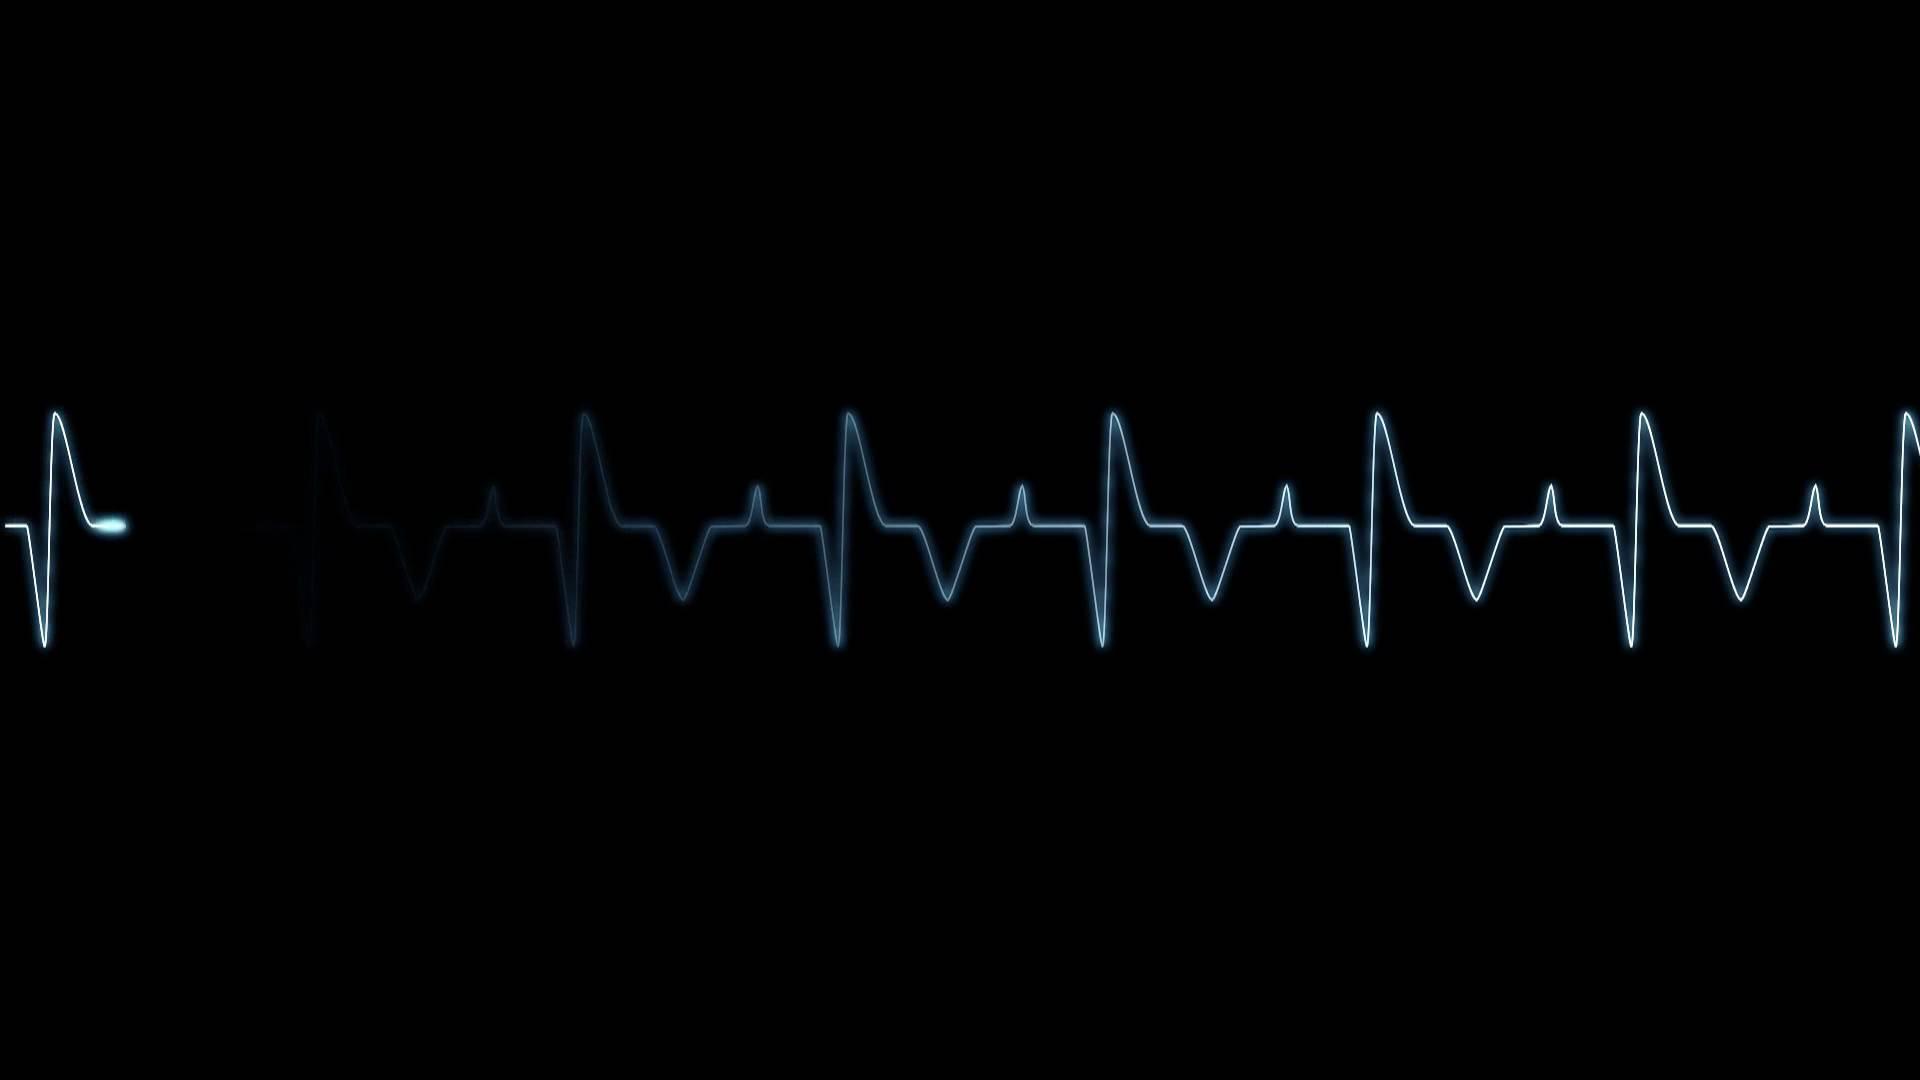 селе картинки ритм сердца на черном фоне шутку